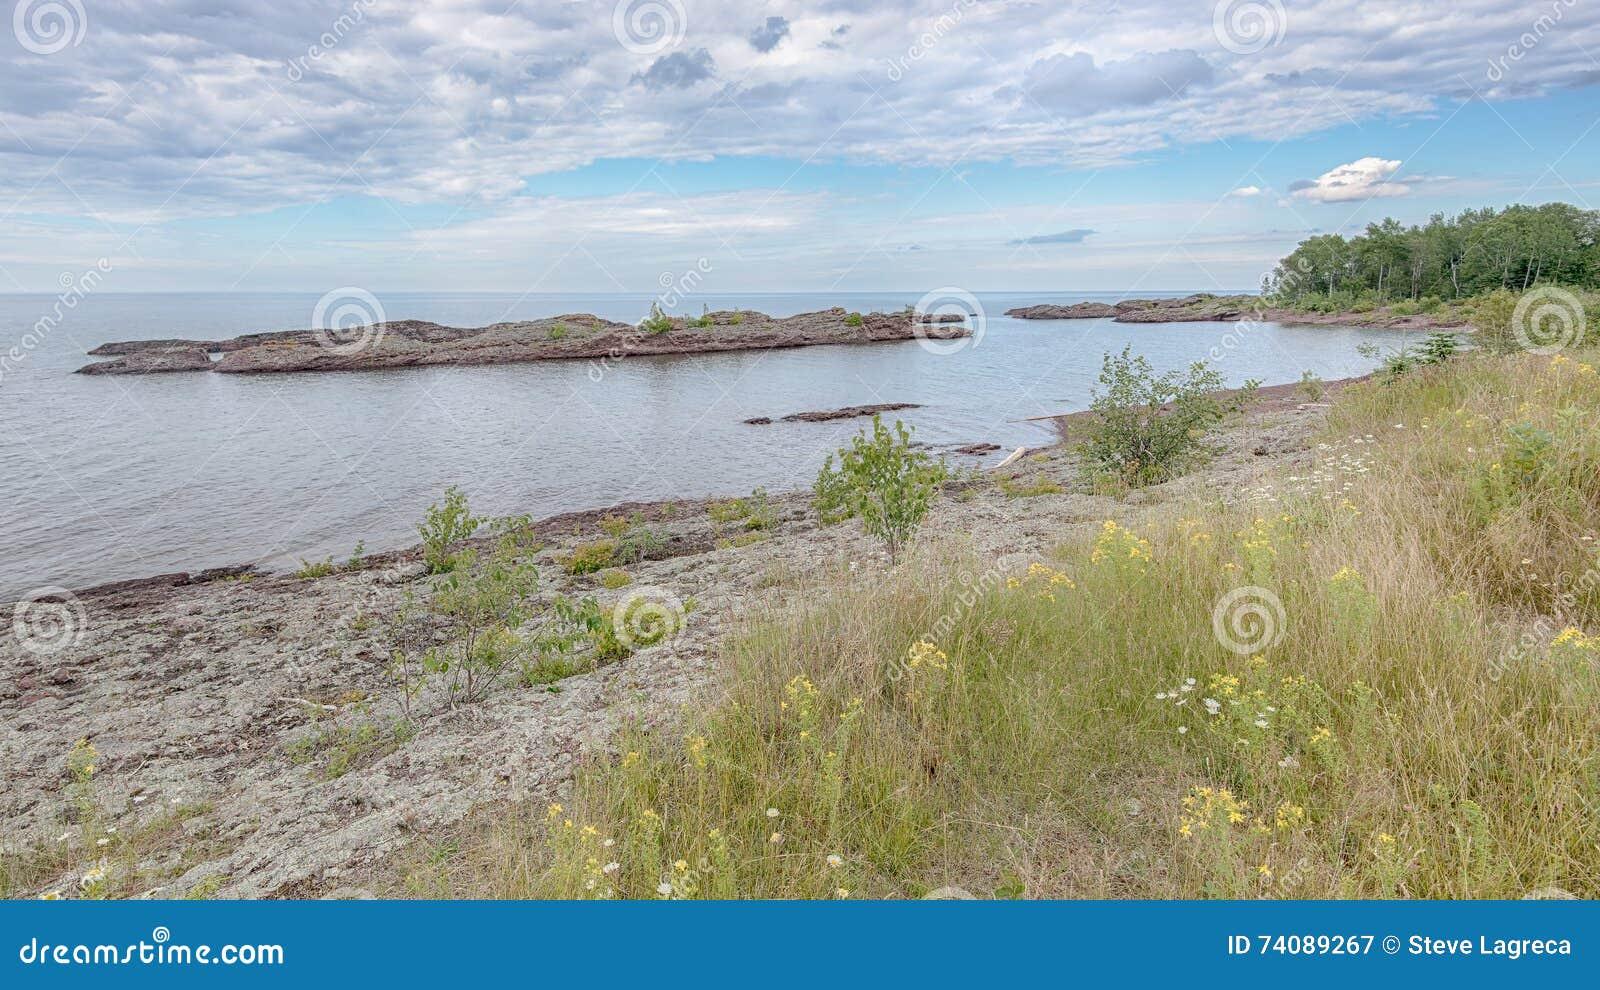 Lake Superior, near Copper Harbor, MI